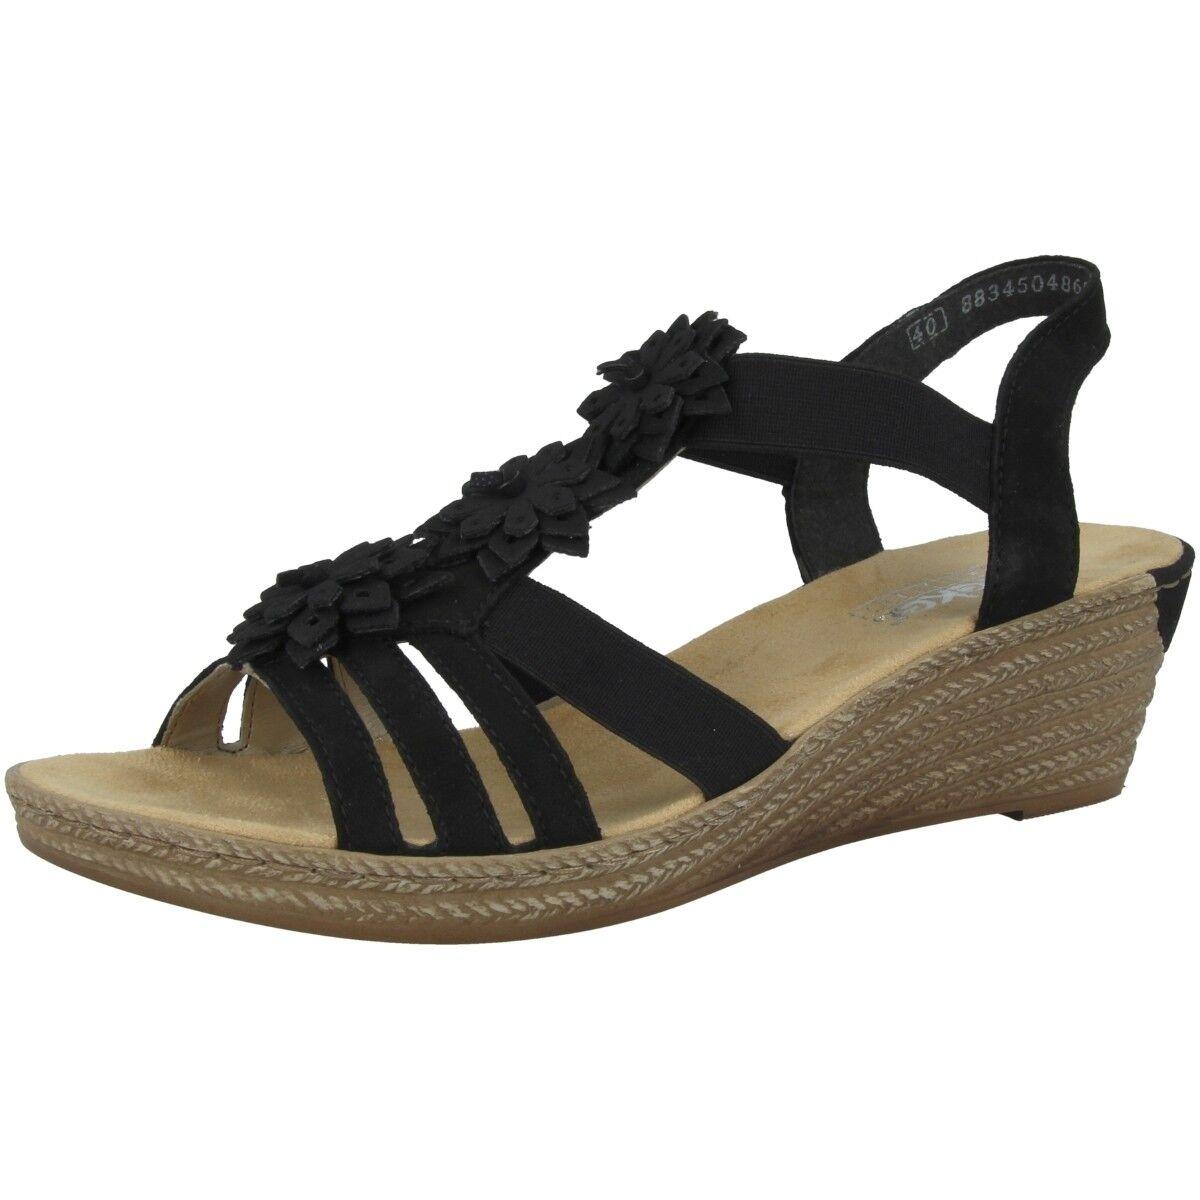 Rieker Talamon-Vendee Chaussures pour Femme Anti-stress Sandale Talon Compensé